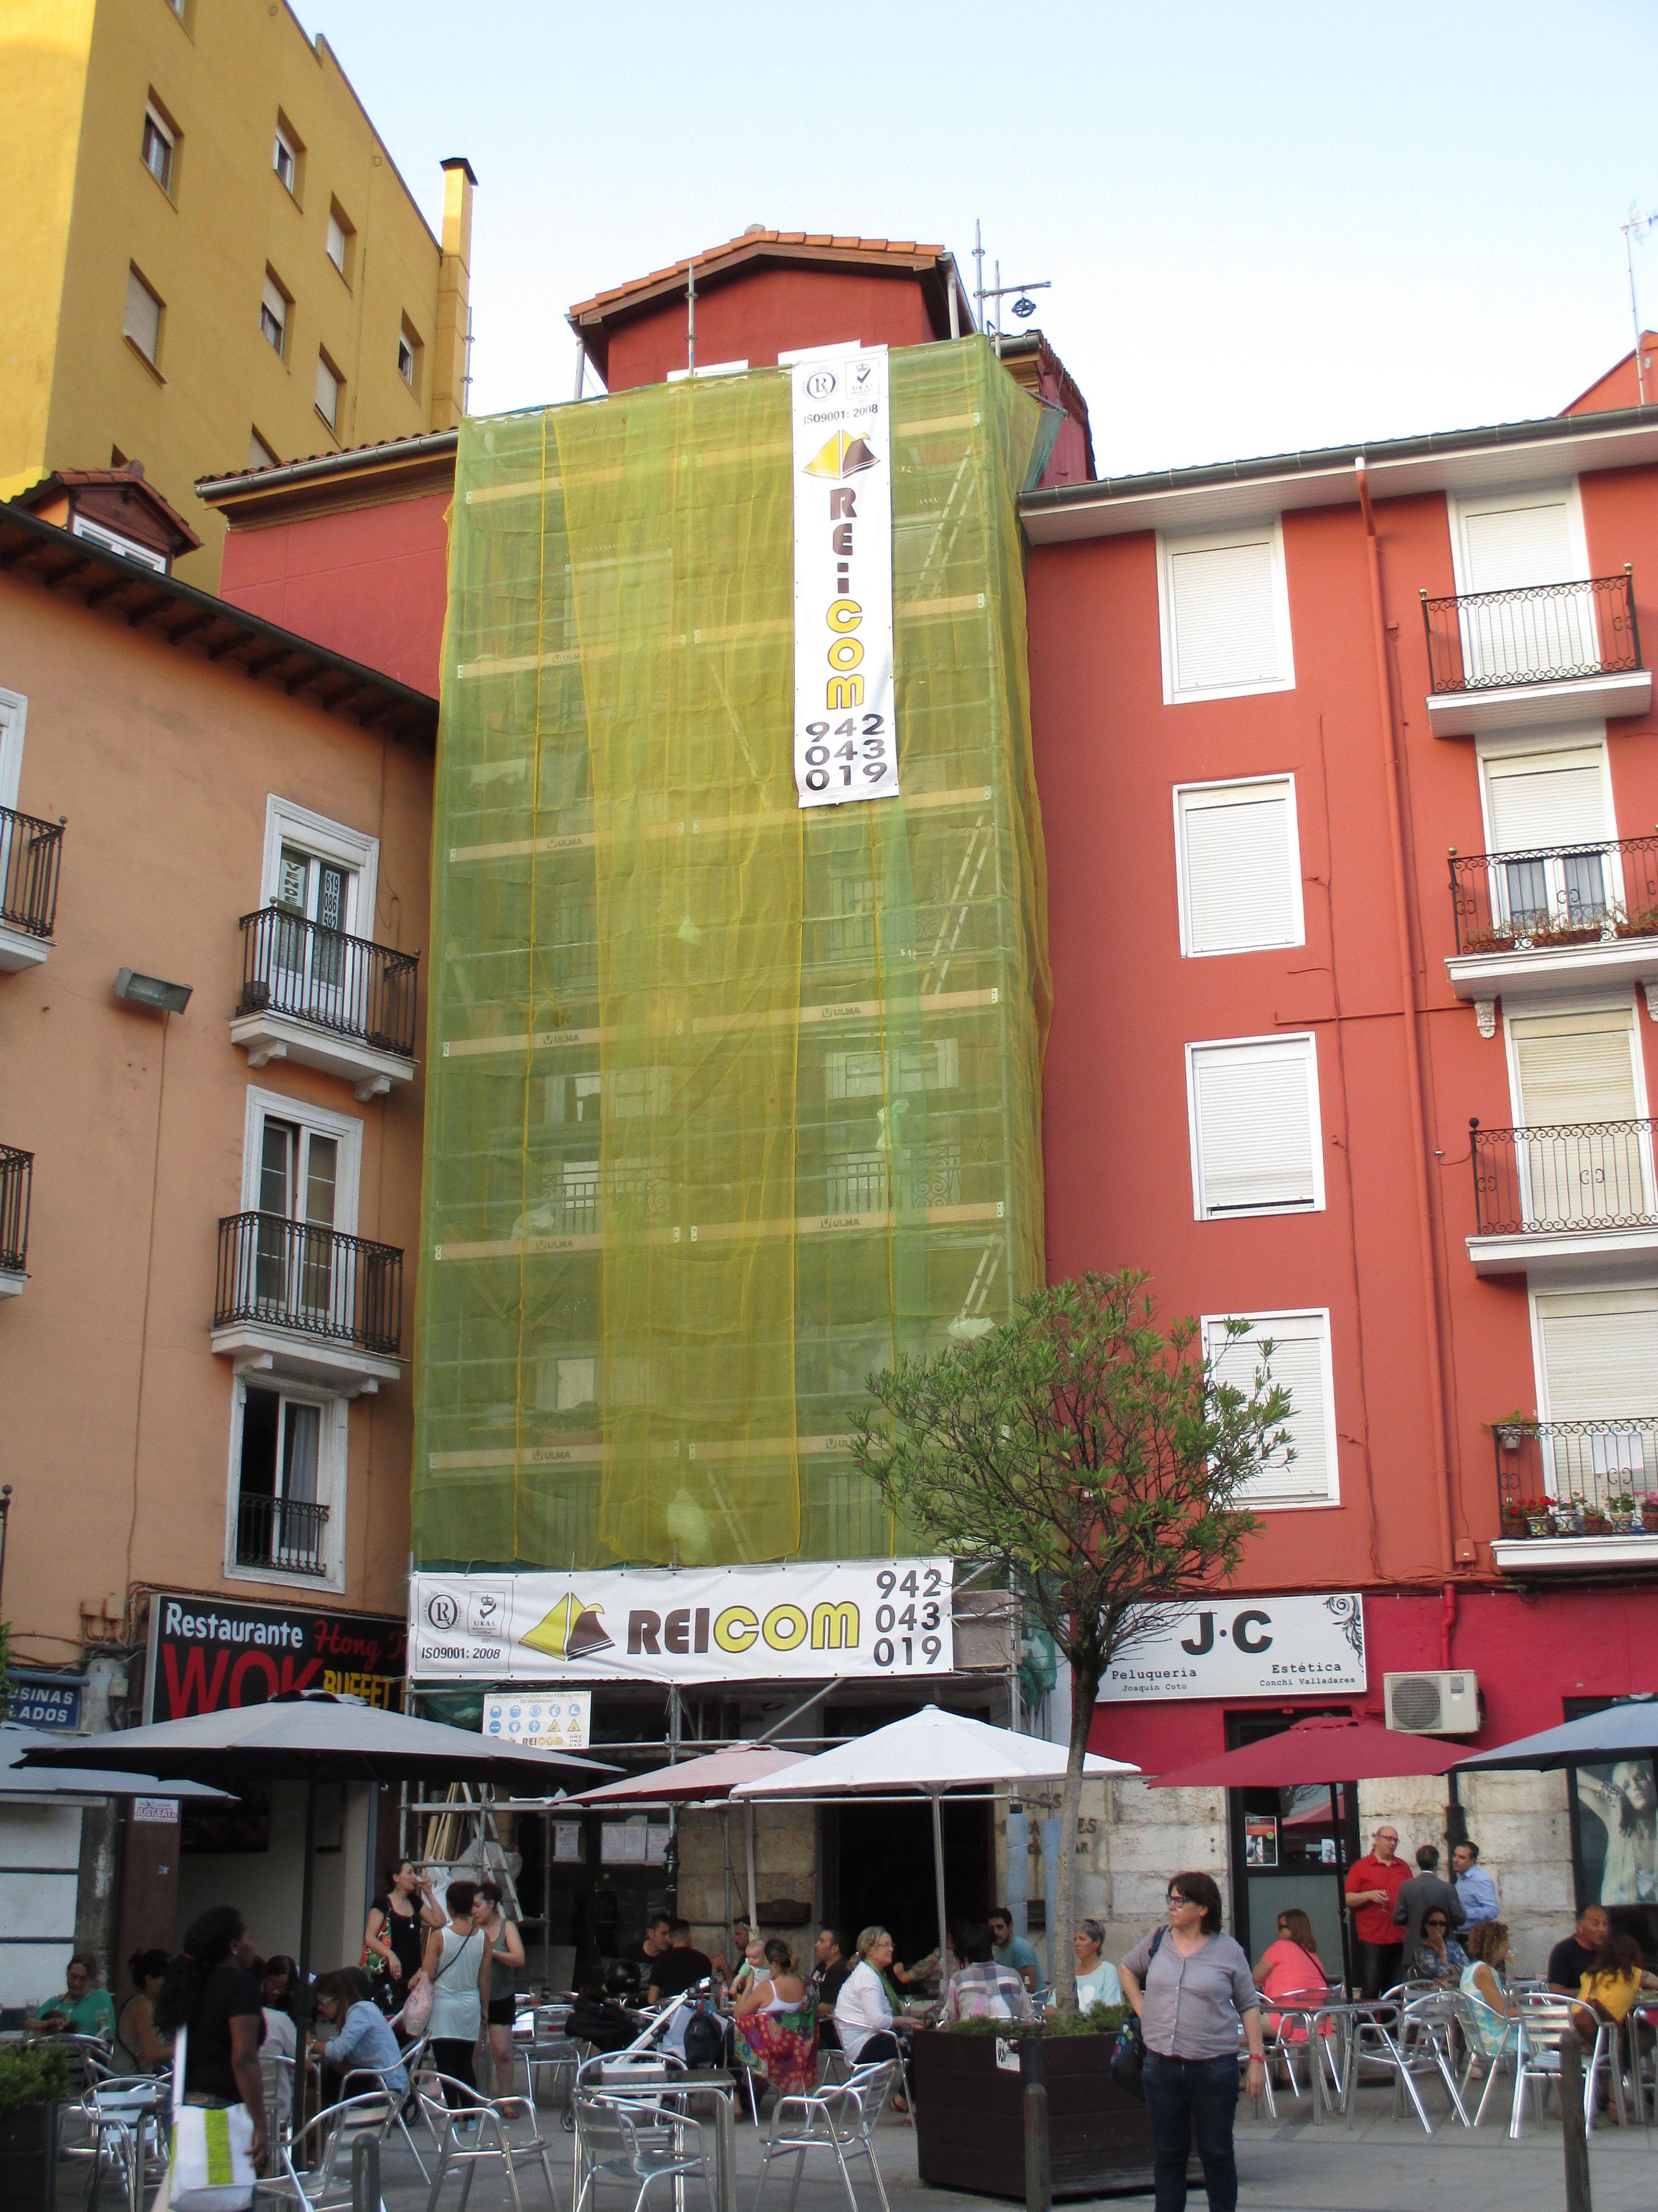 Pz. de la Esperanza, 5 (Santander)